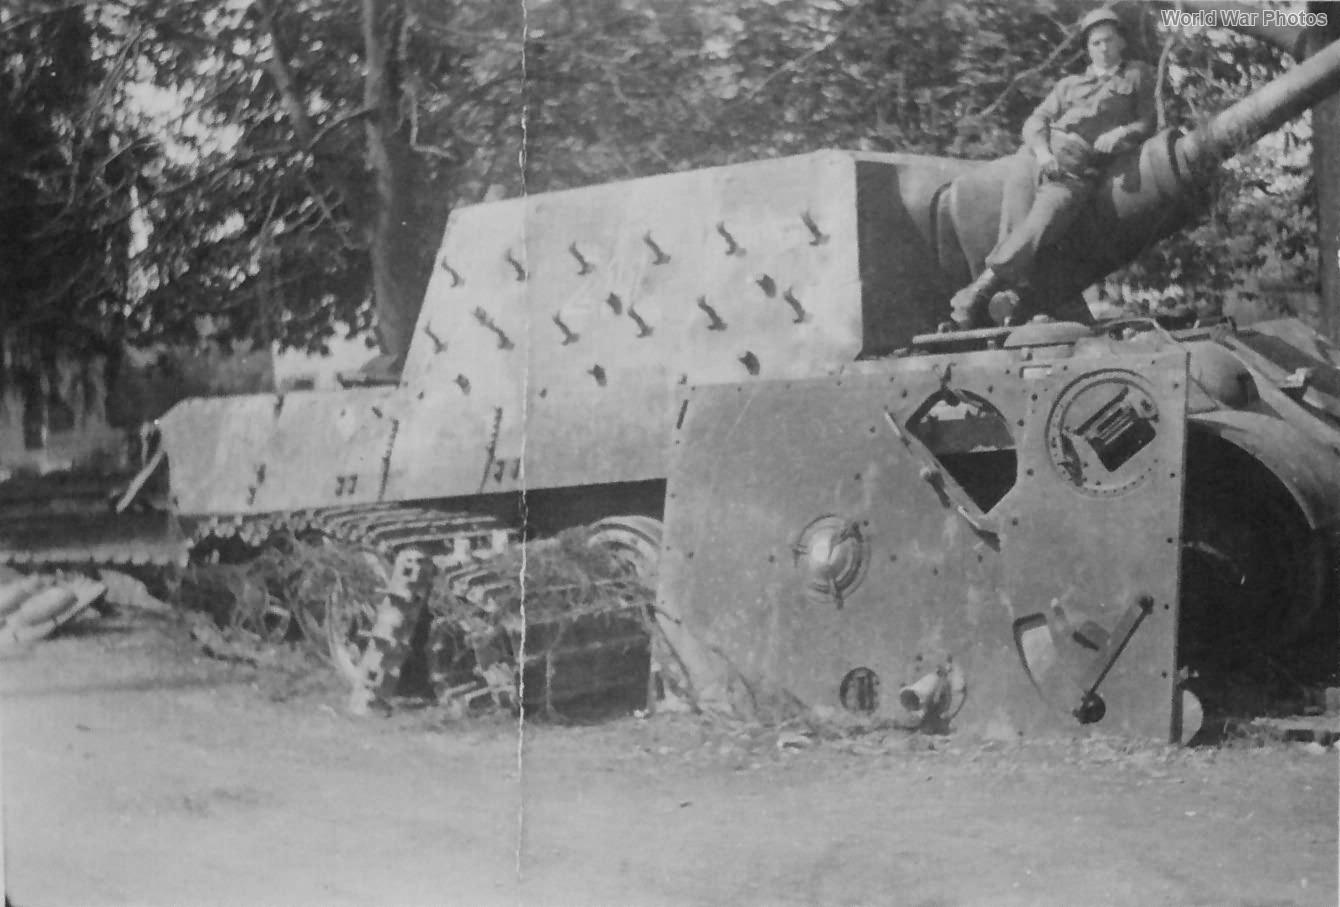 Jagdtiger 211 of the sPzJgAbt 653 Illertissen